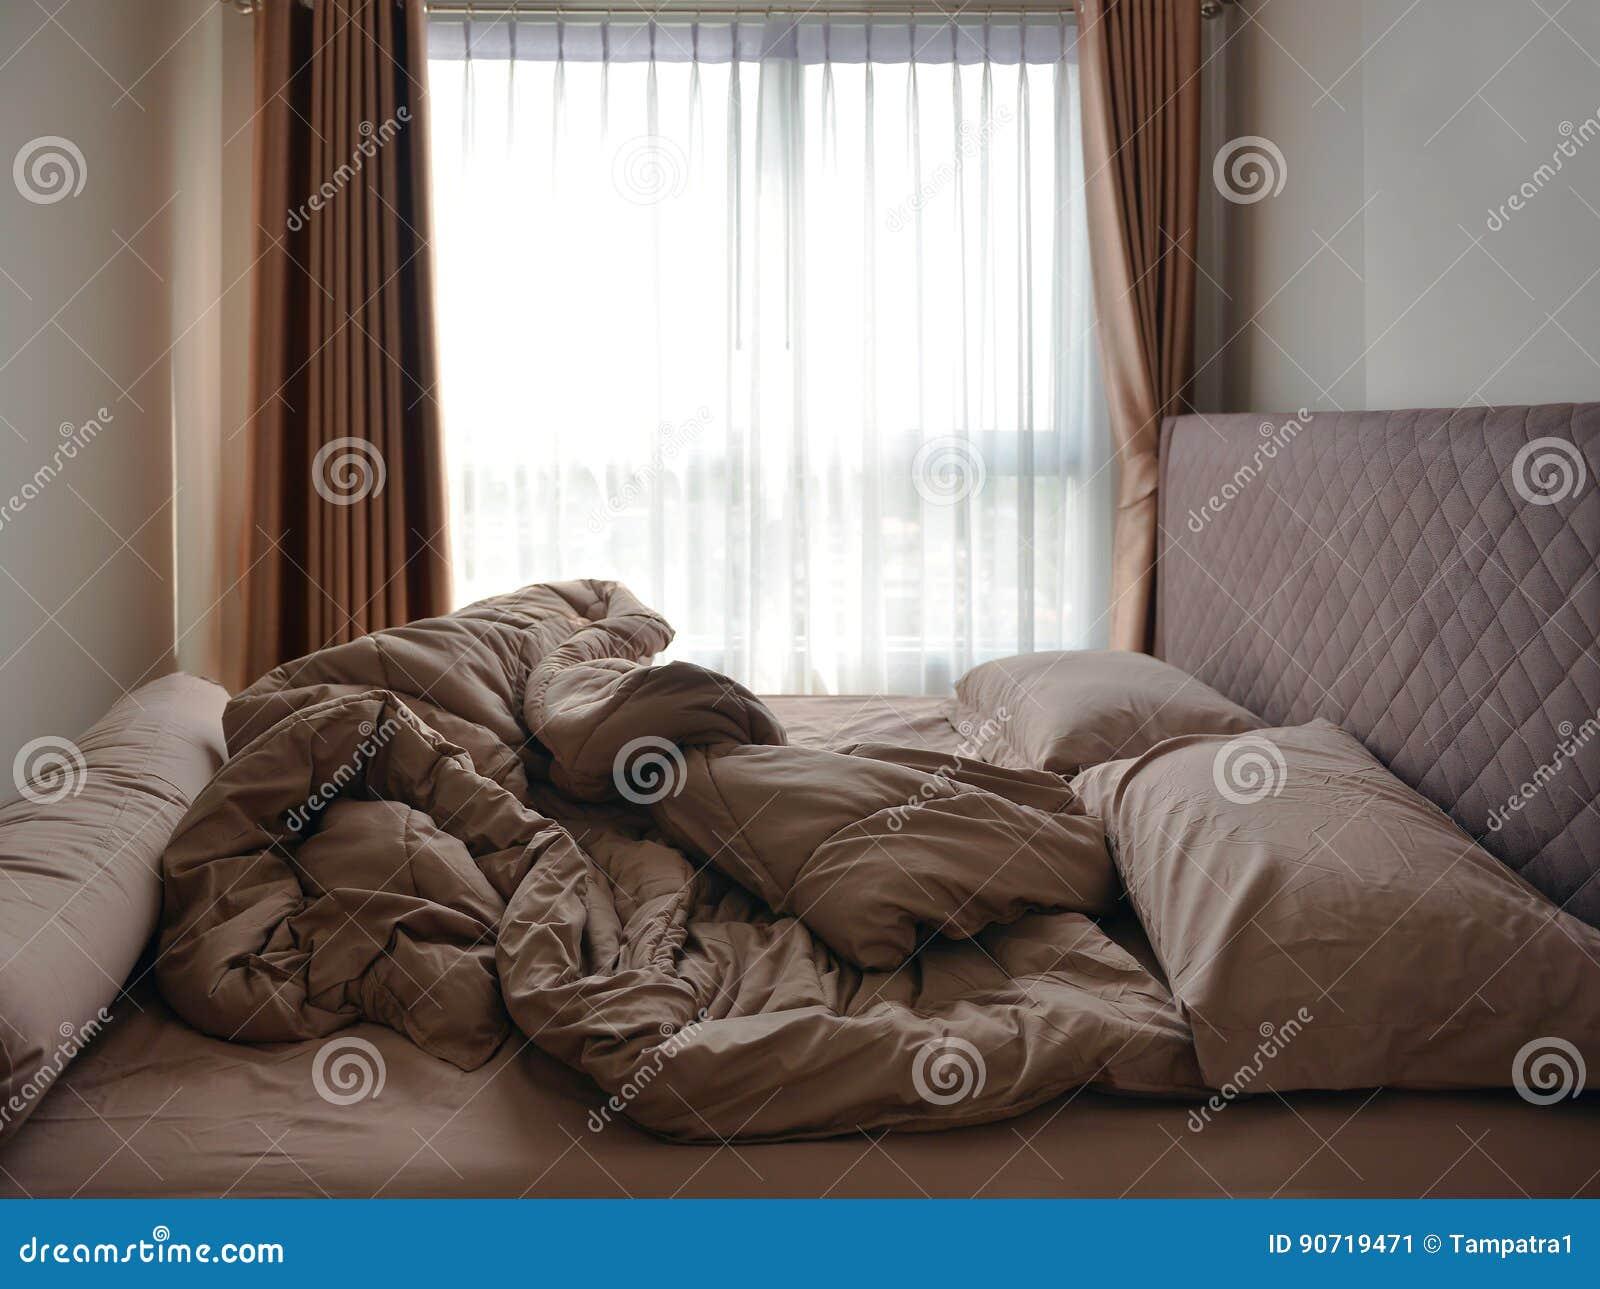 Τα μαξιλάρια και το κάλυμμα στρωμάτων κρεβατιών βρώμισαν επάνω στην κρεβατοκάμαρα